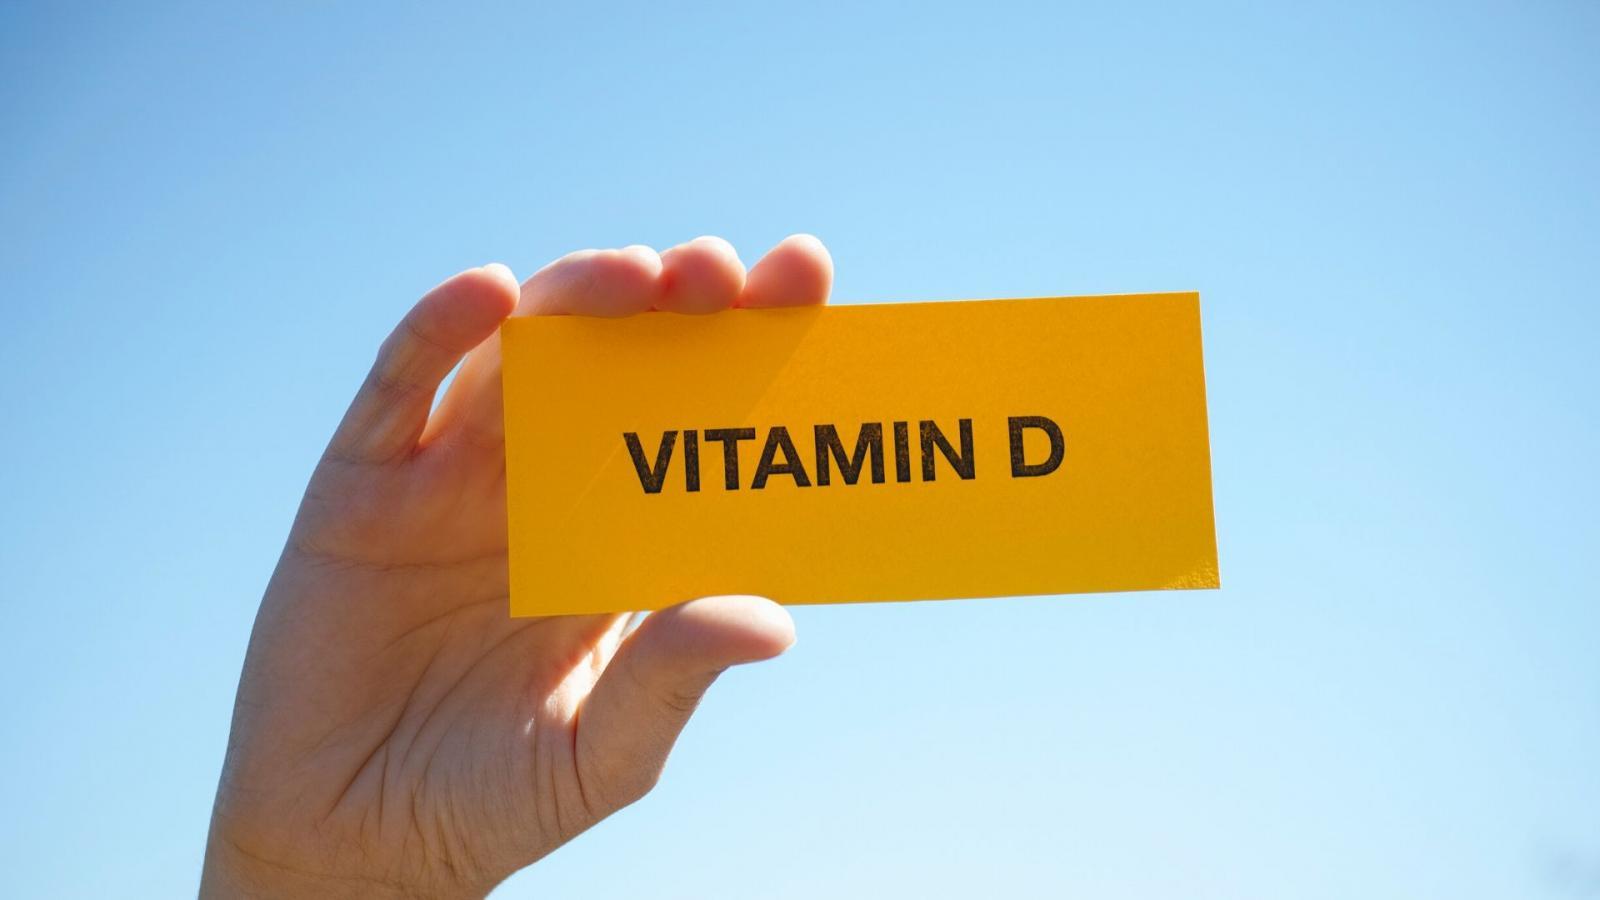 seberapa banyak kita butuh vitamin d di masa pandemi